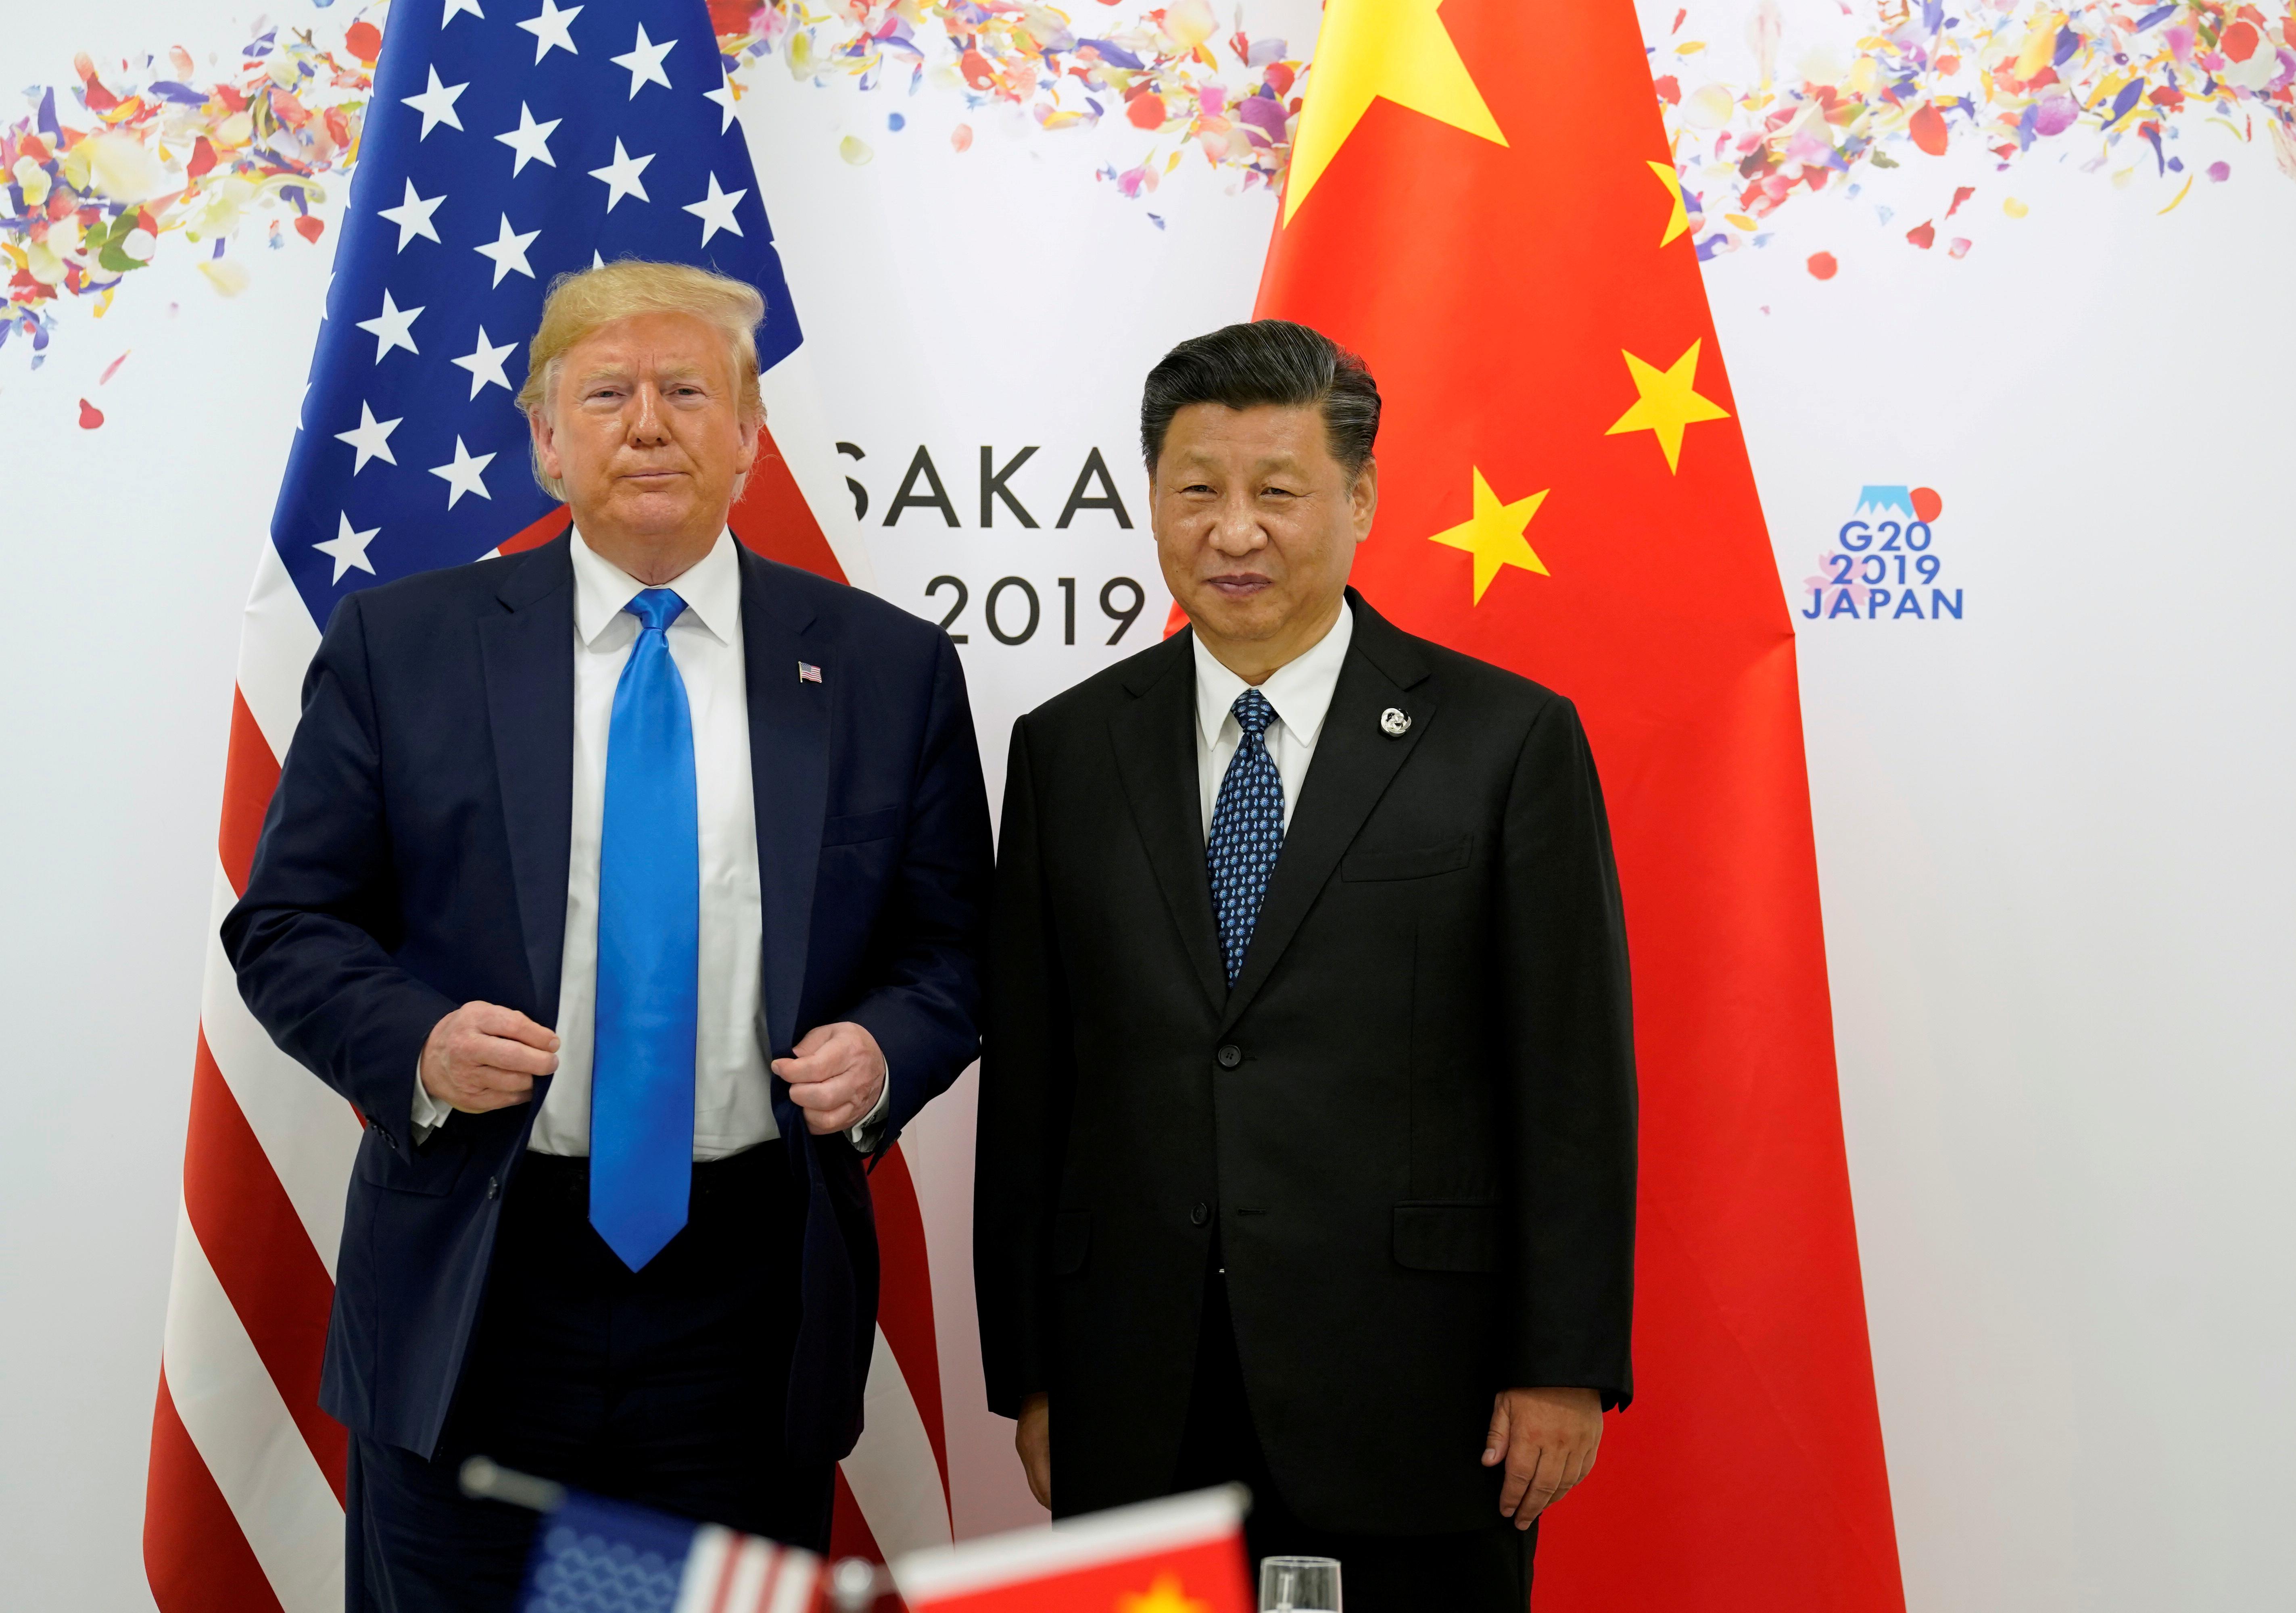 Ο Kινέζος διαπραγματευτής για το εμπόριο δηλώνει έτοιμος να συνεχίσει τις διαβουλεύσεις με την Ουάσινγκτον